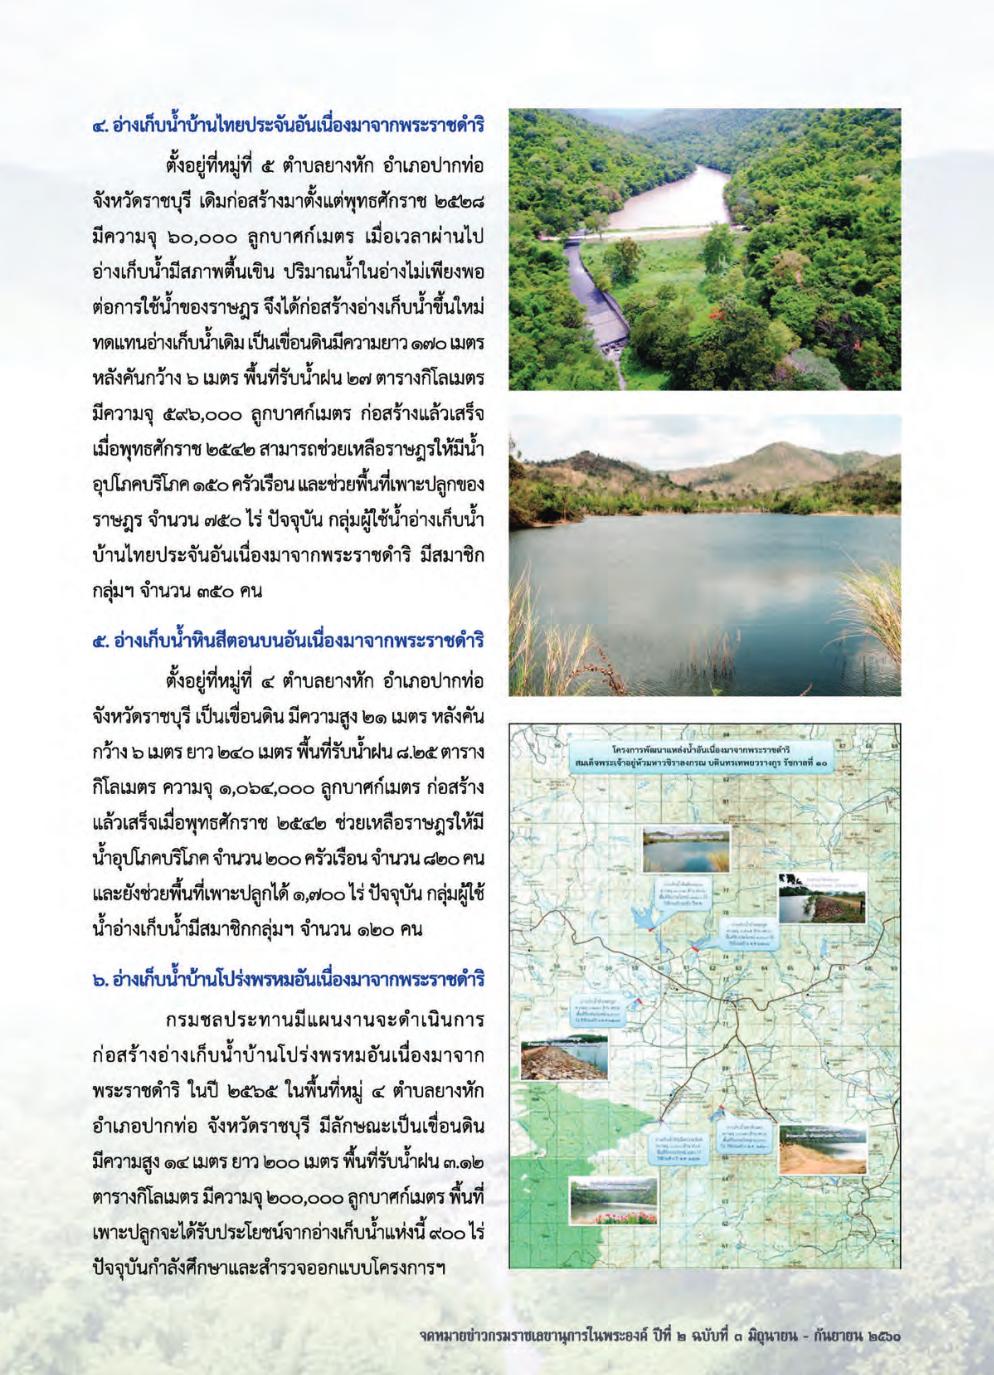 โครงการพัฒนาแหล่งน้ำอันเนื่องมาจากพระราชดำริ ตำบลยางหัก อำเภอปากท่อ จังหวัดราชบุรี